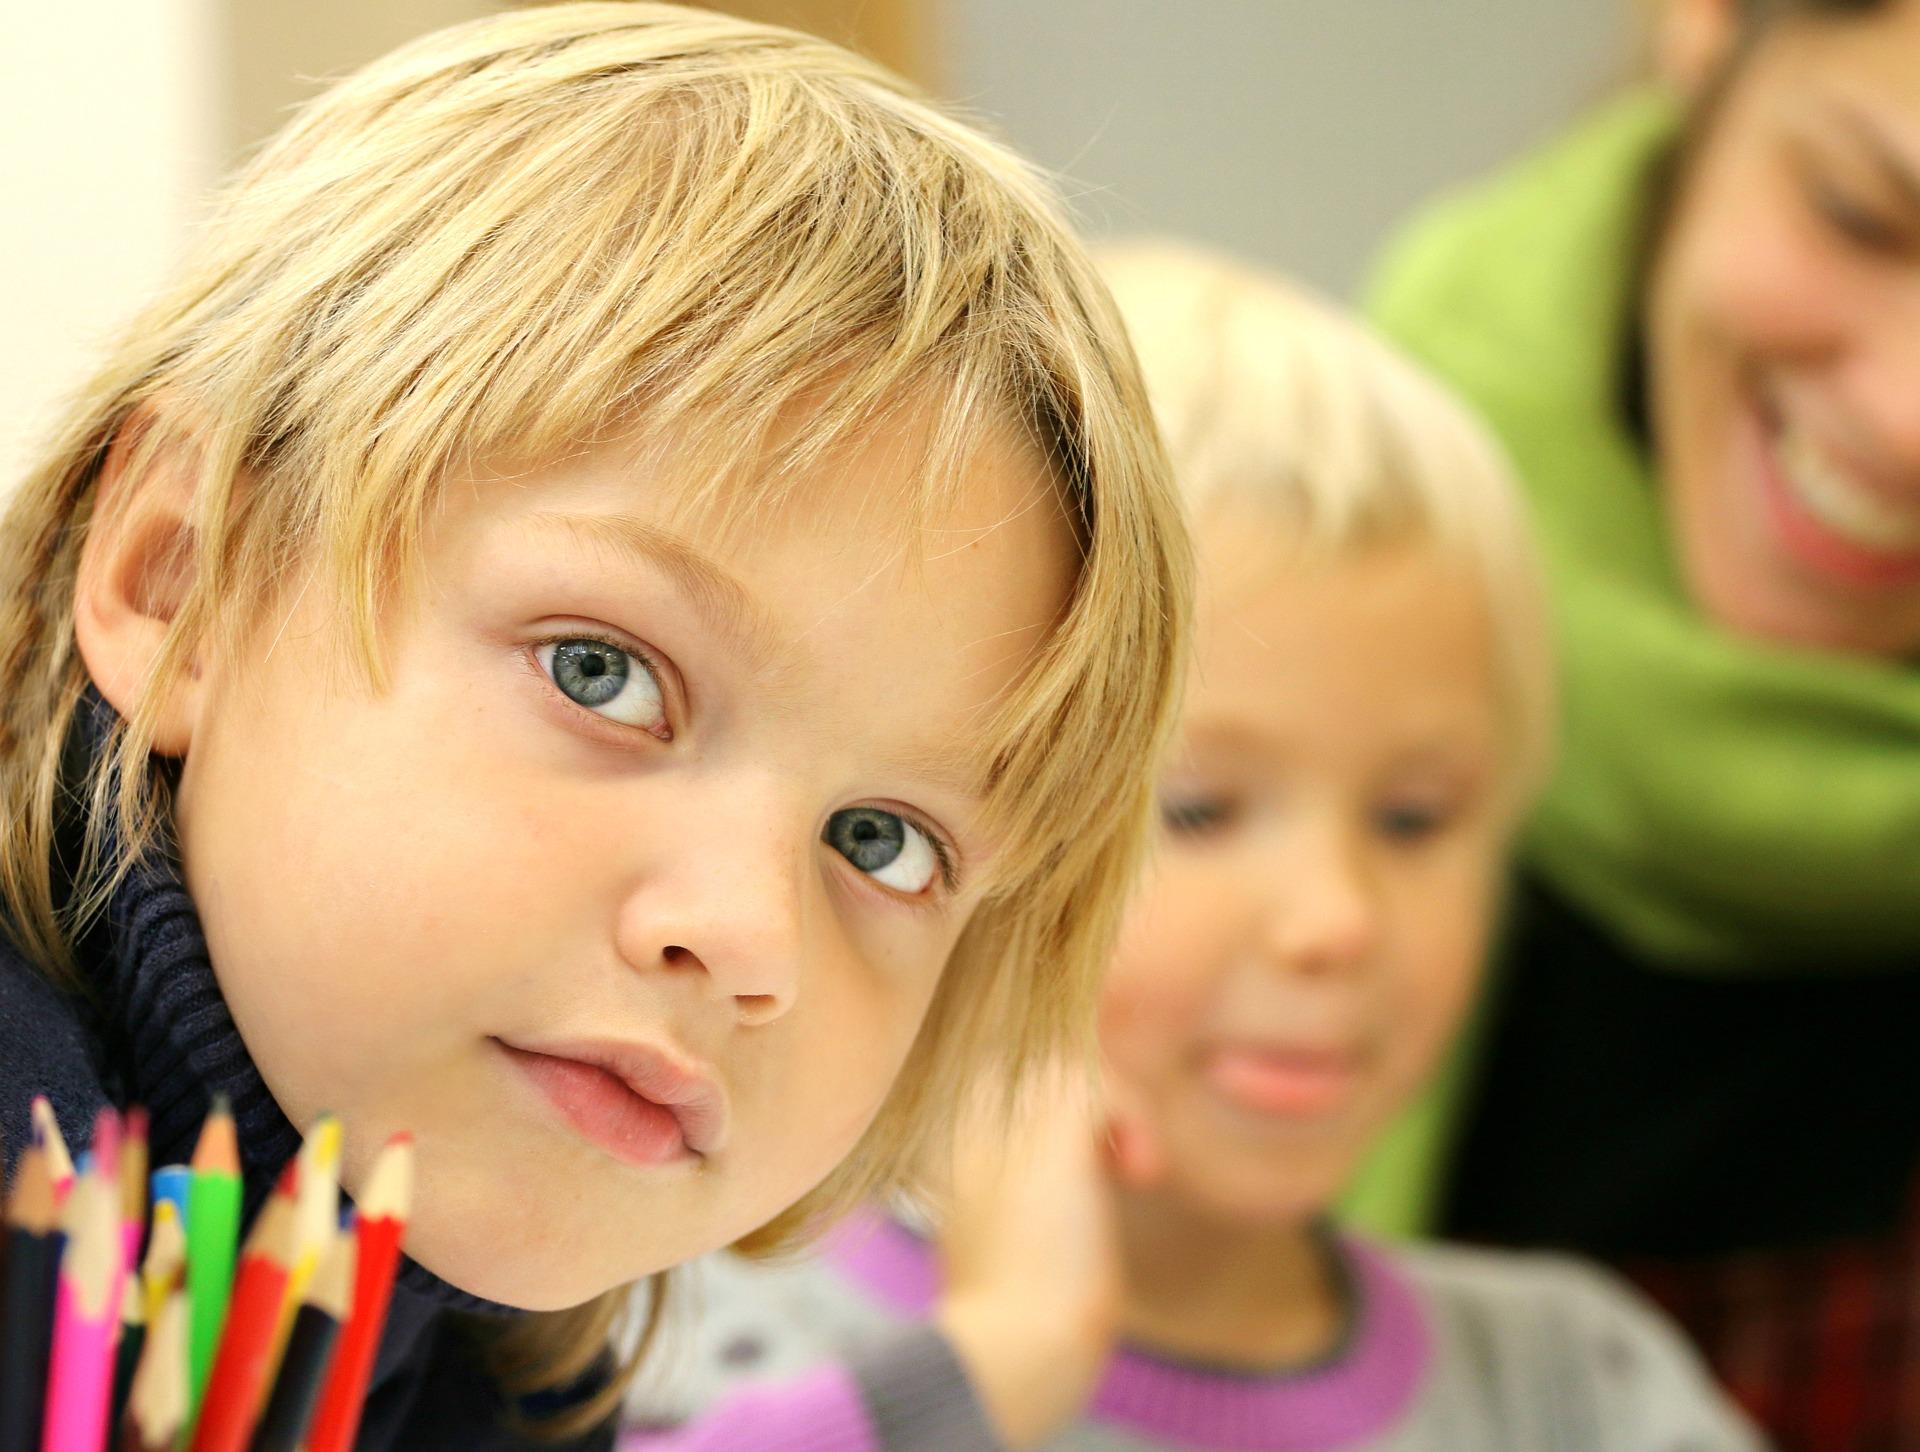 W 8-letniej szkole podstawowej, tak jak dotąd, w klasach I-III będzie edukacja wczesnoszkolna. Od I klasy uczniowie będą się także uczyć języka obcego (fot.pixabay)